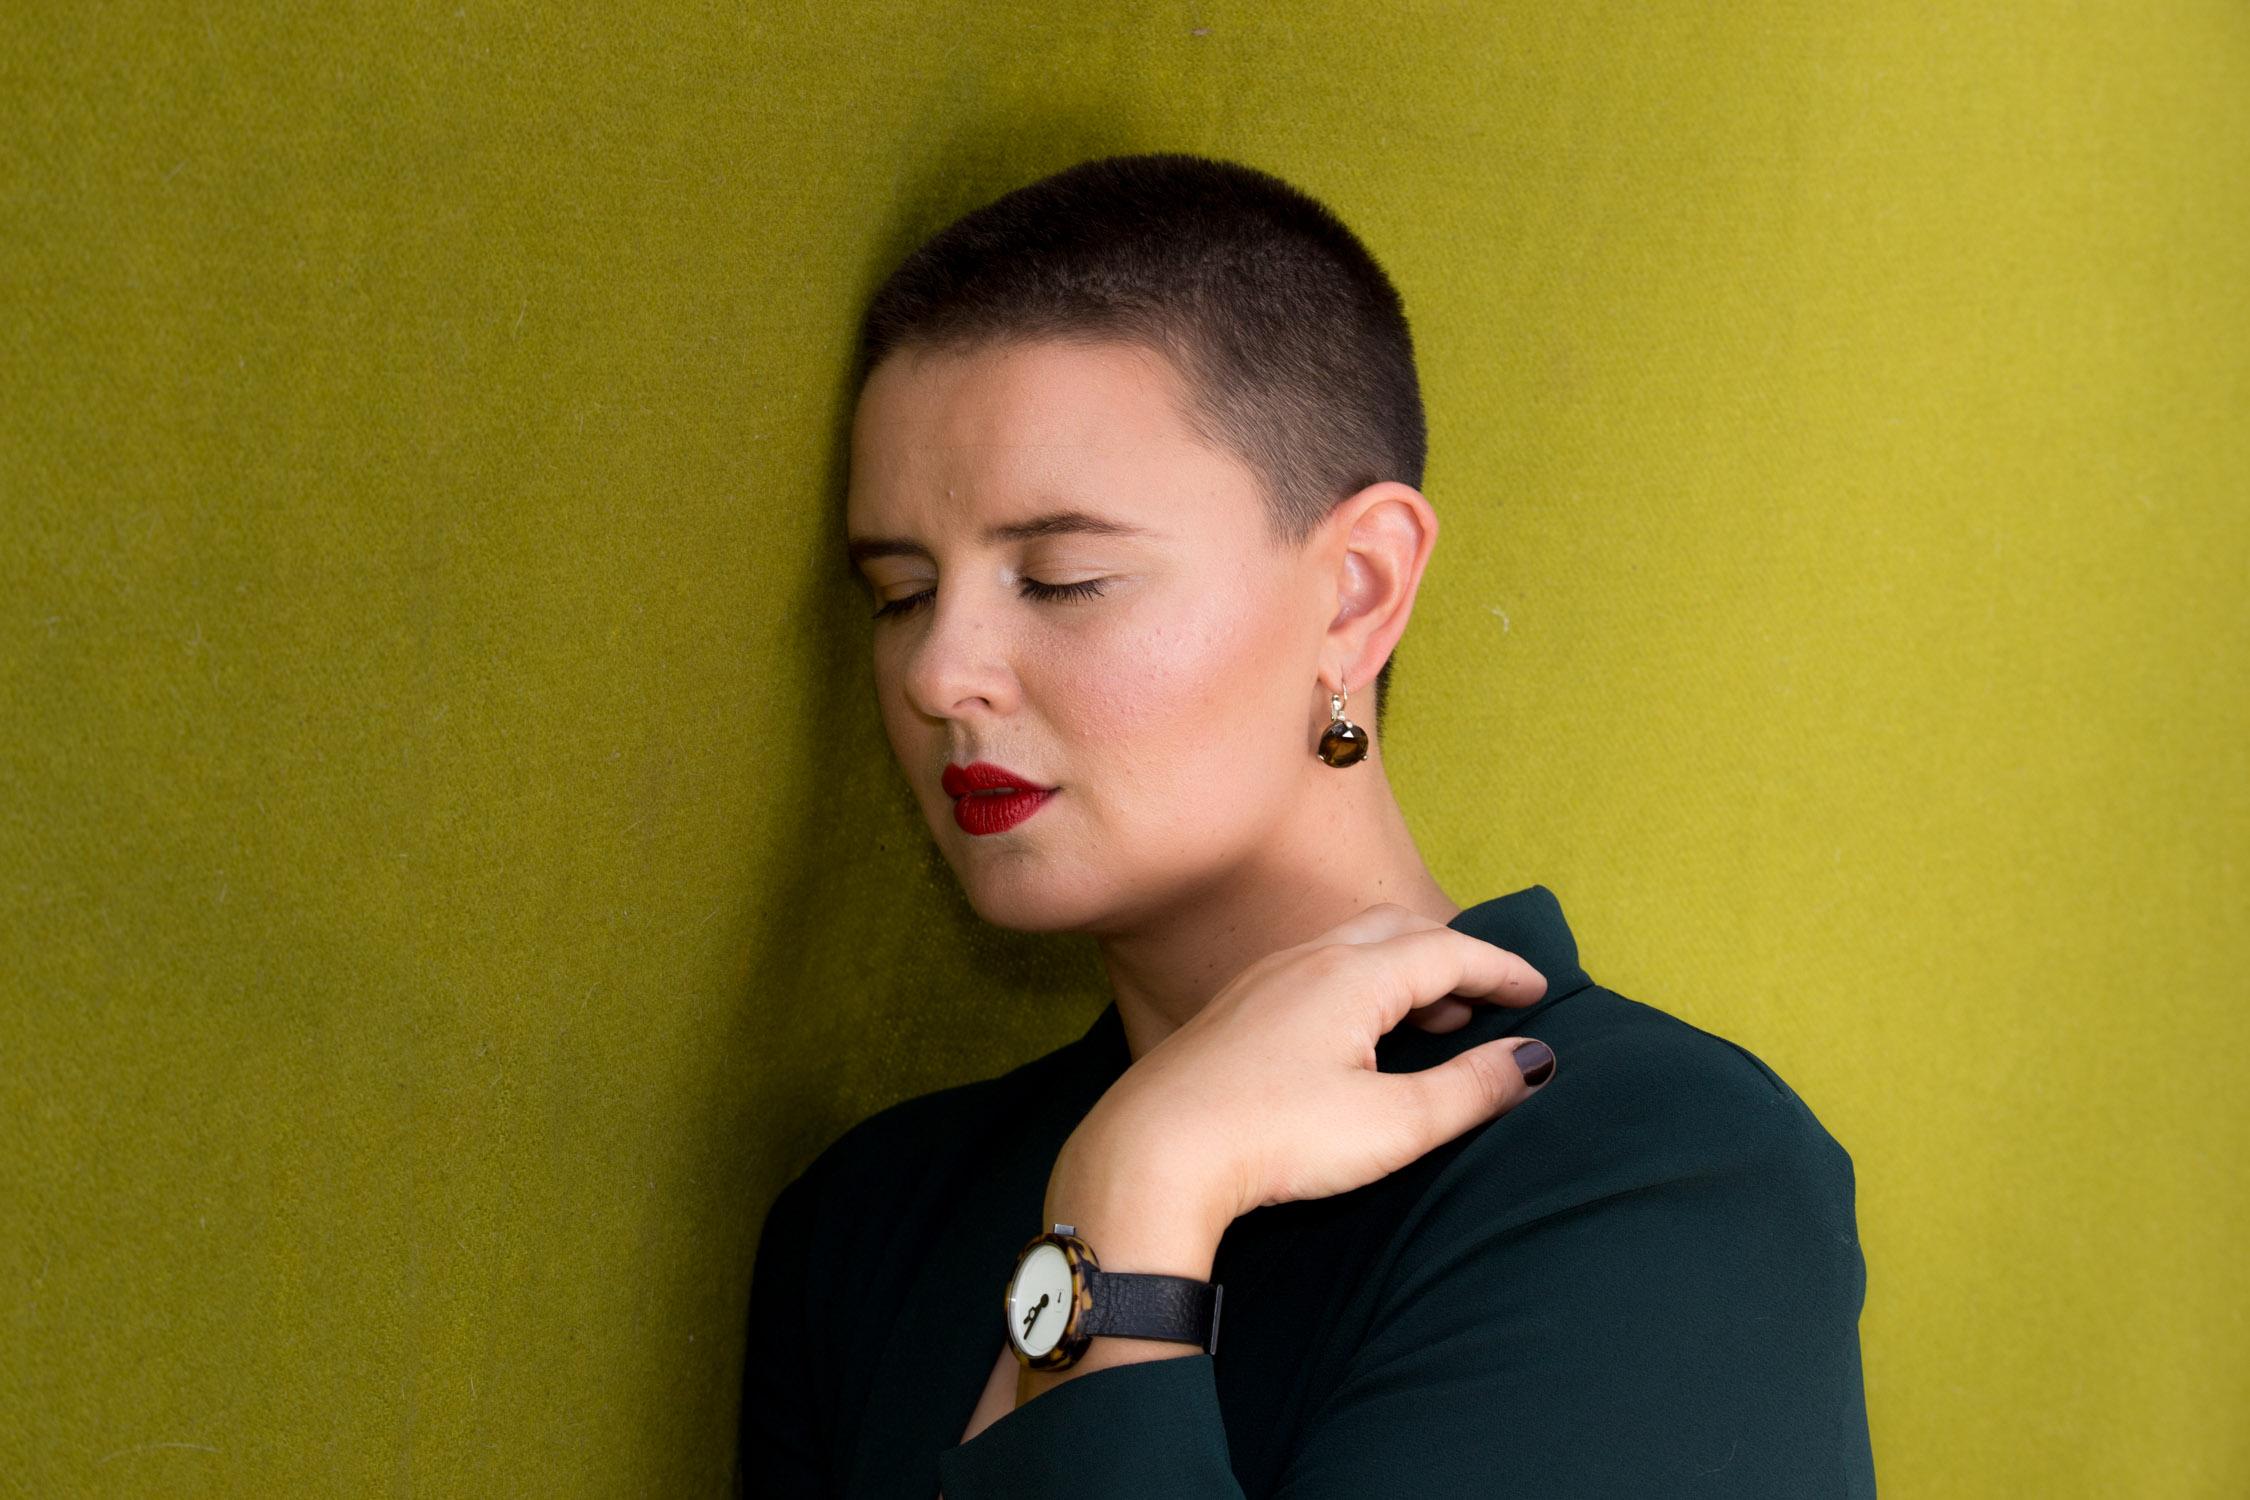 Naomi Keyte